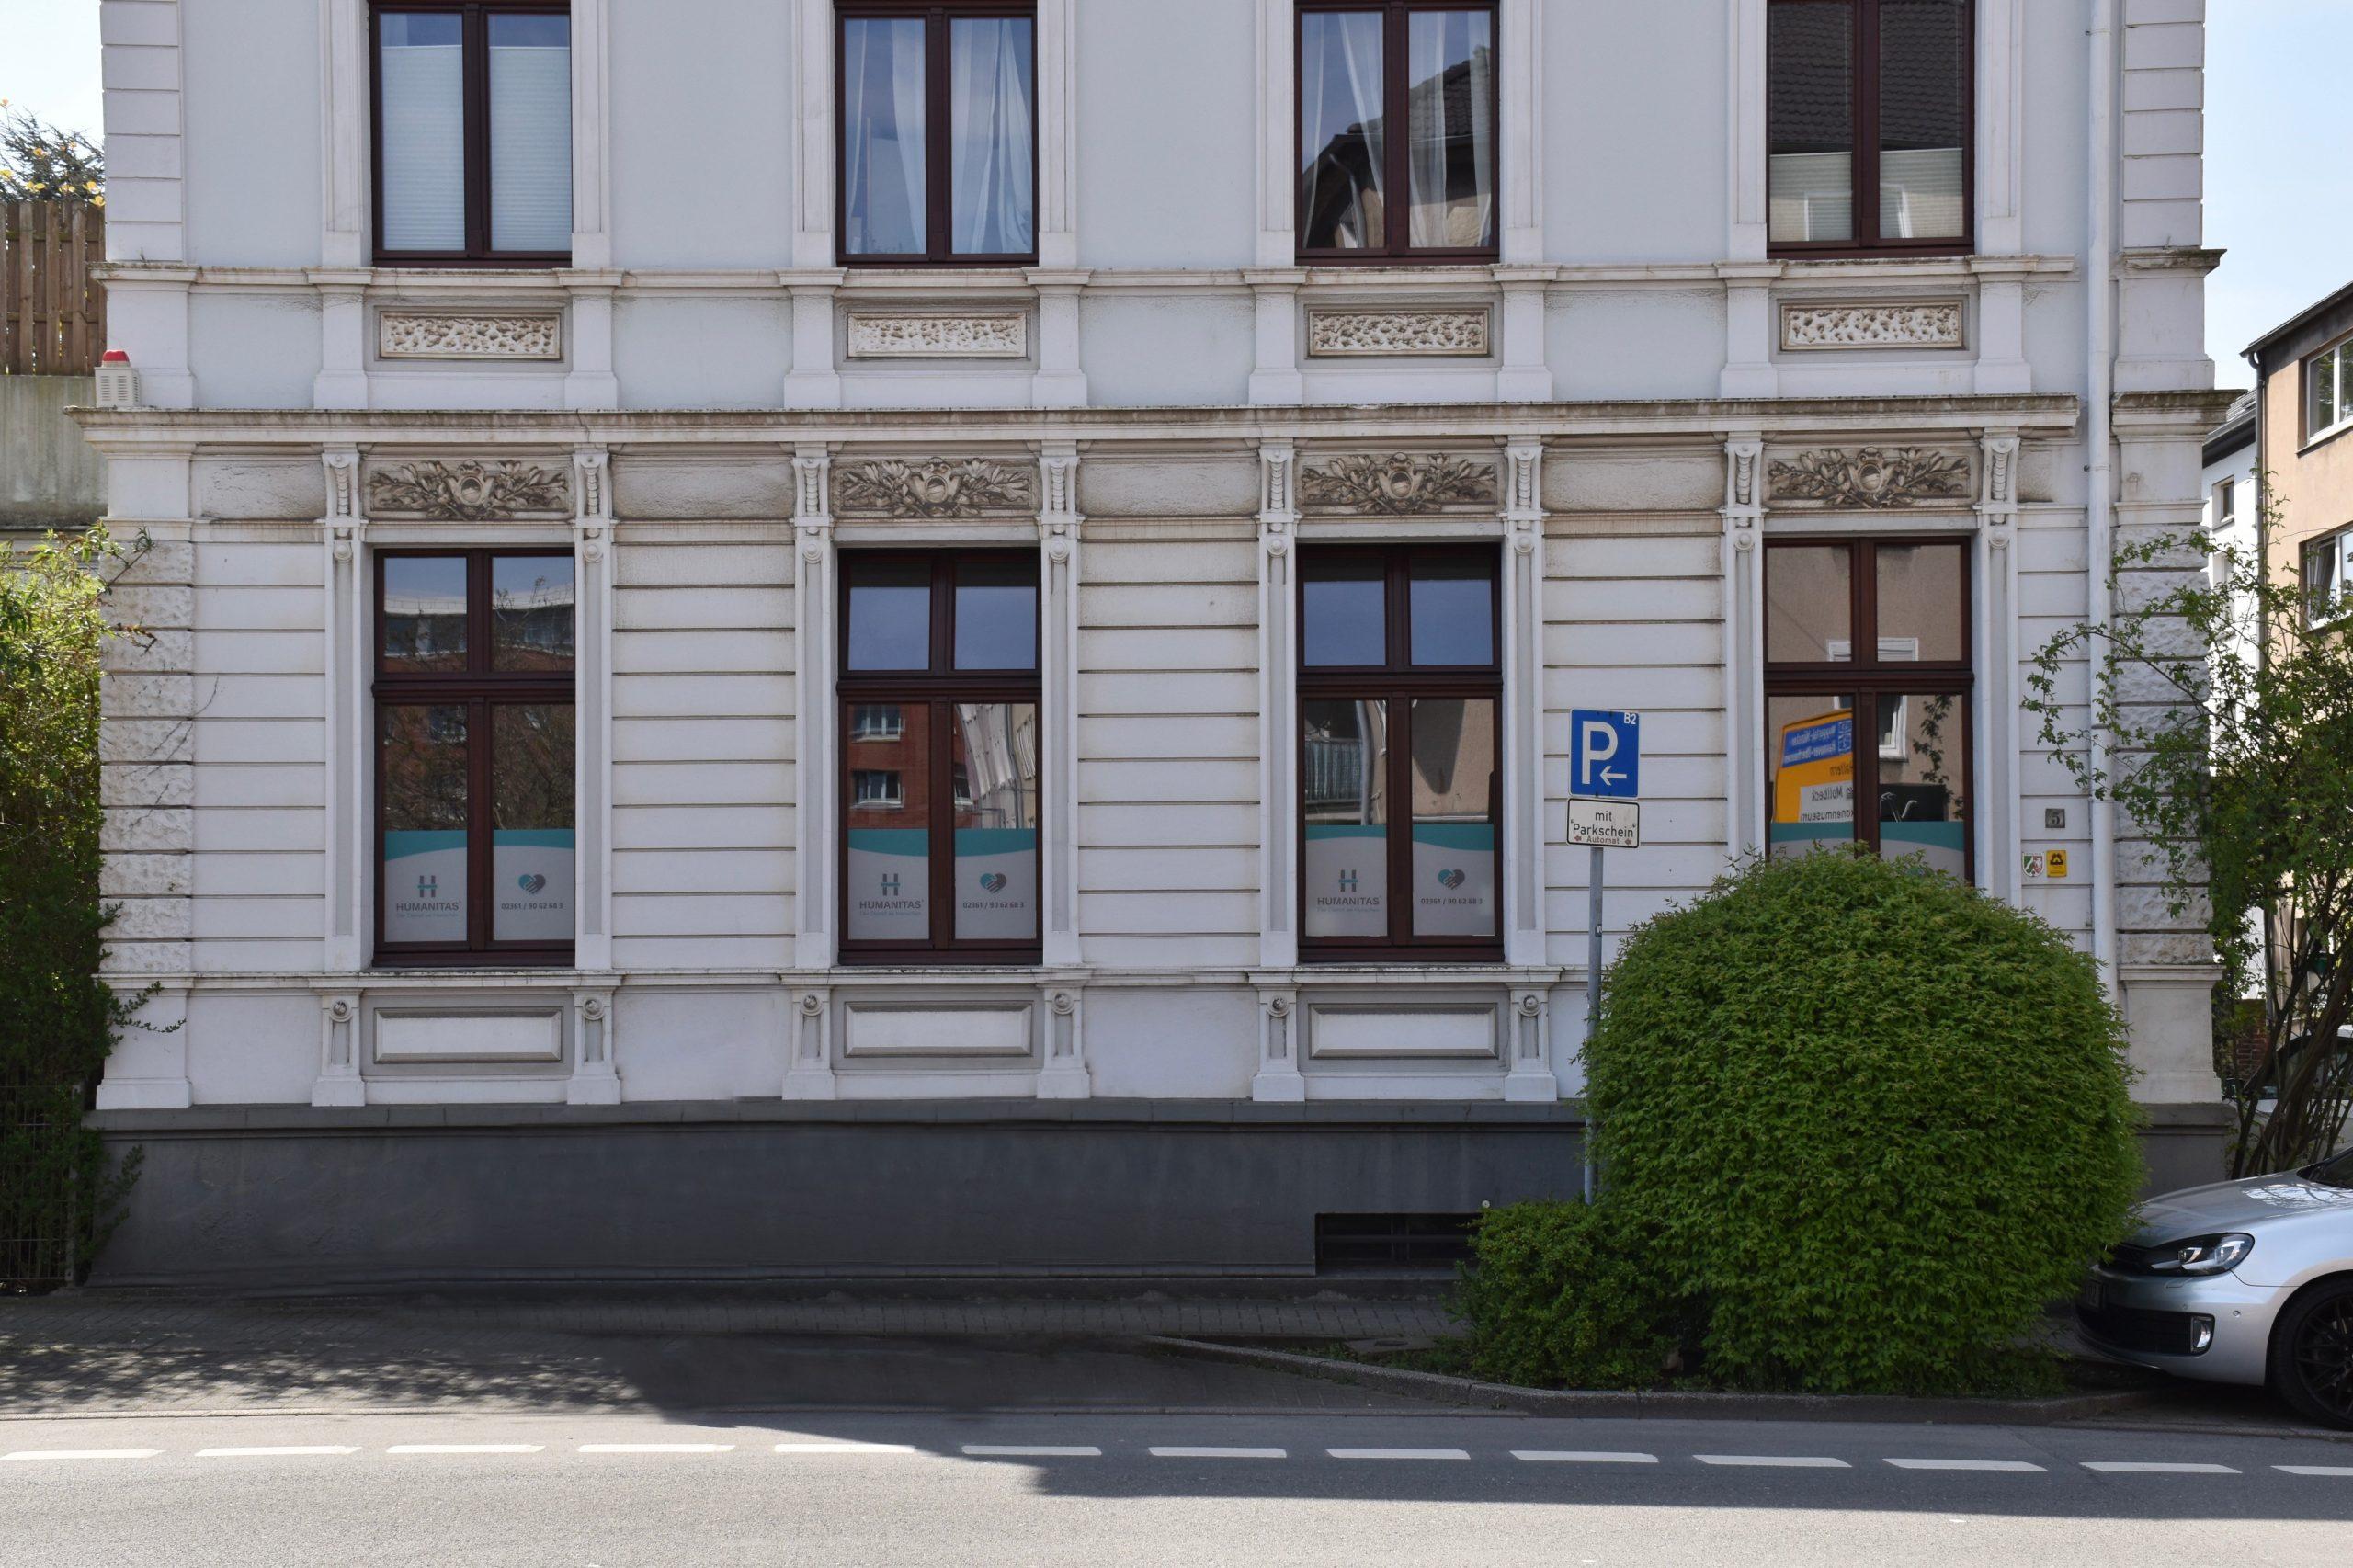 Pflegedienst Recklinghausen